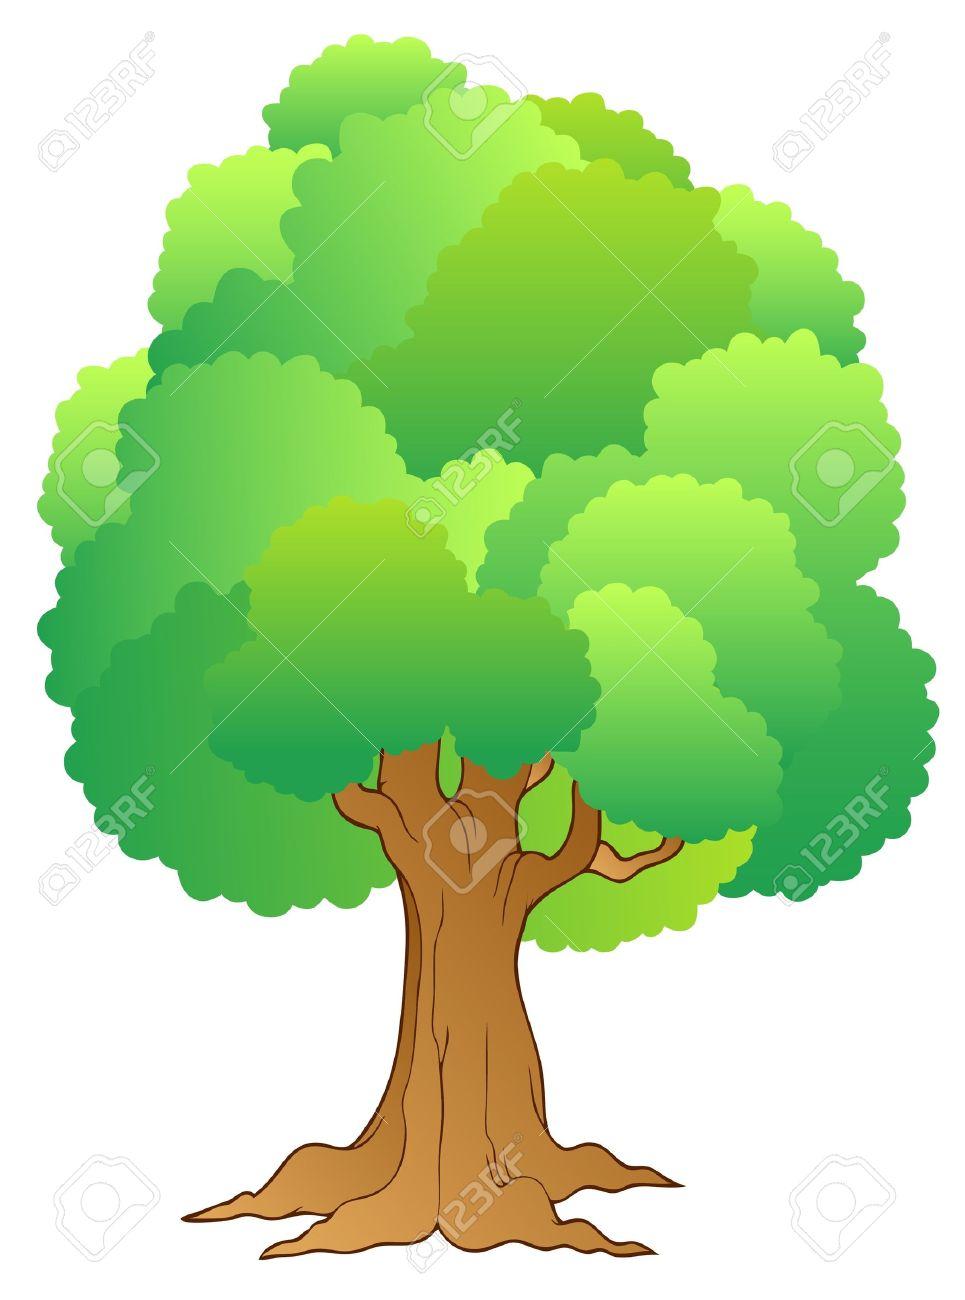 Single tree clipart.